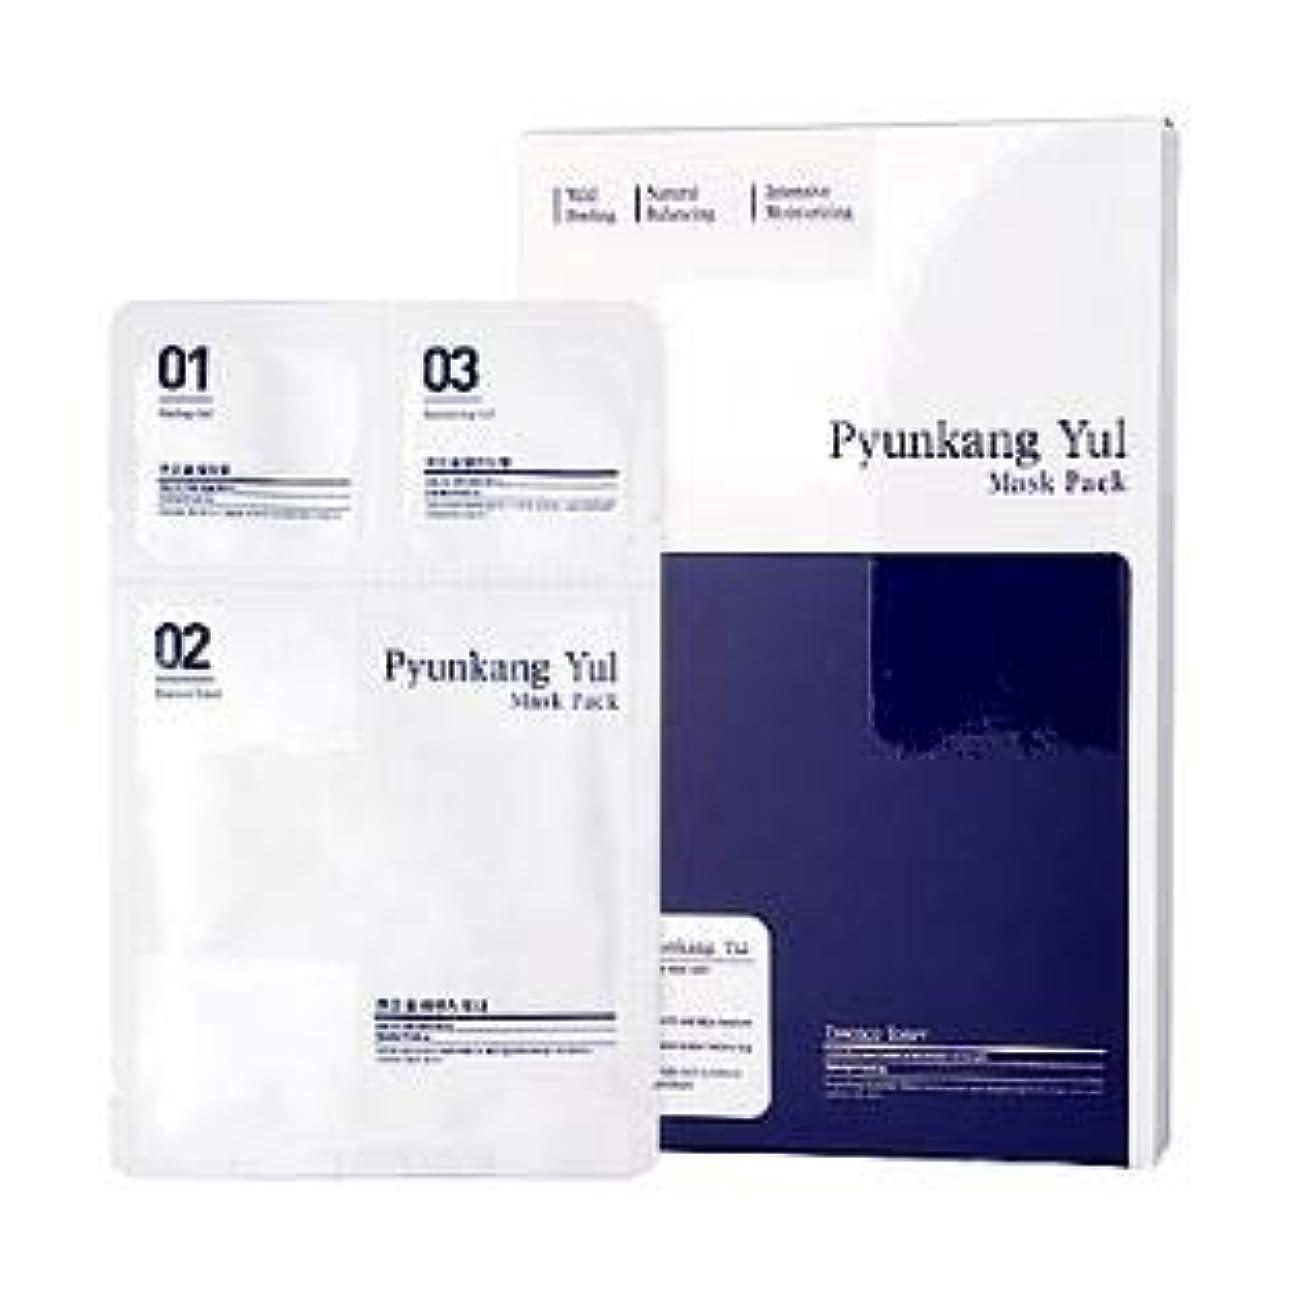 手数料スクラブアヒル[Pyunkang Yul] 3 Step Mask Pack (5ea) /[扁康率(PYUNKANG YUL)] 3 ステップ マスク パック (5枚) [並行輸入品]